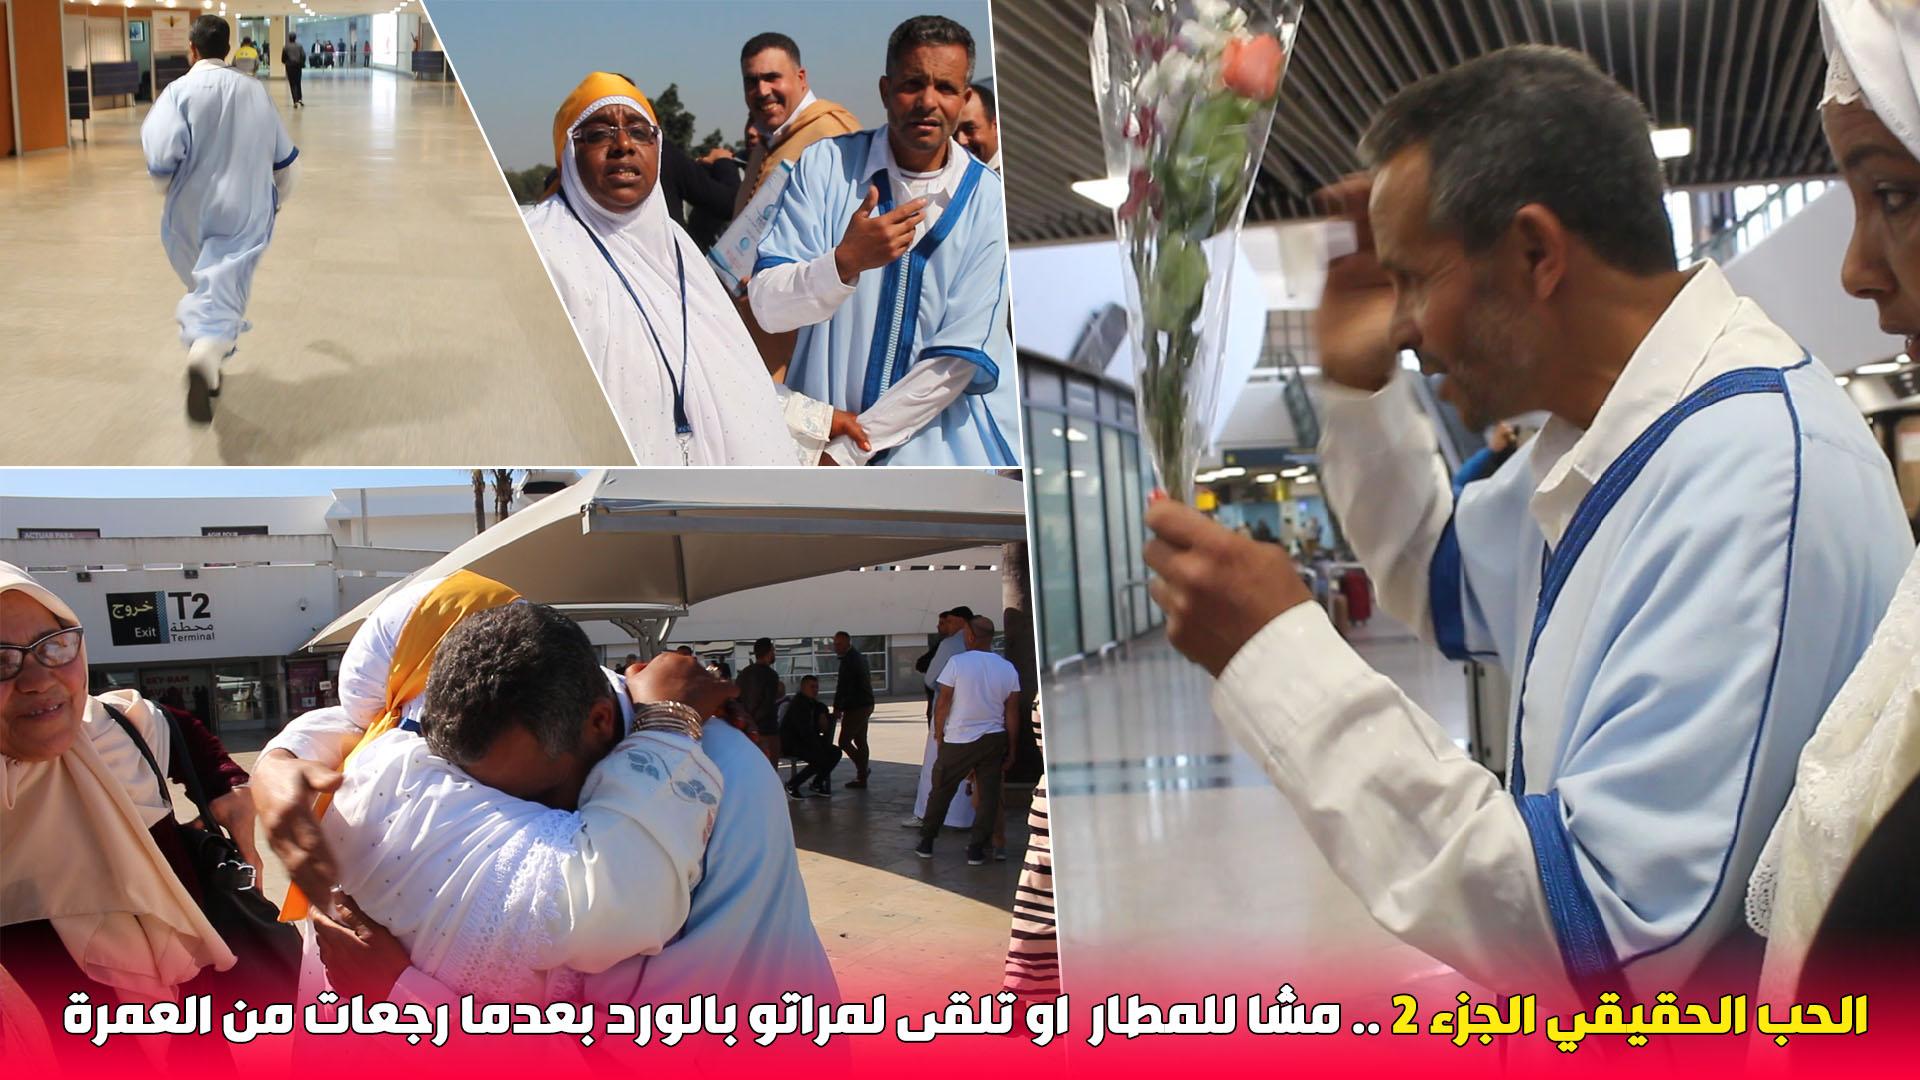 الحب الحقيقي الجزء 2 .. مشا للمطار او تلقى لمراتو بالورد بعدما رجعات من العمرة